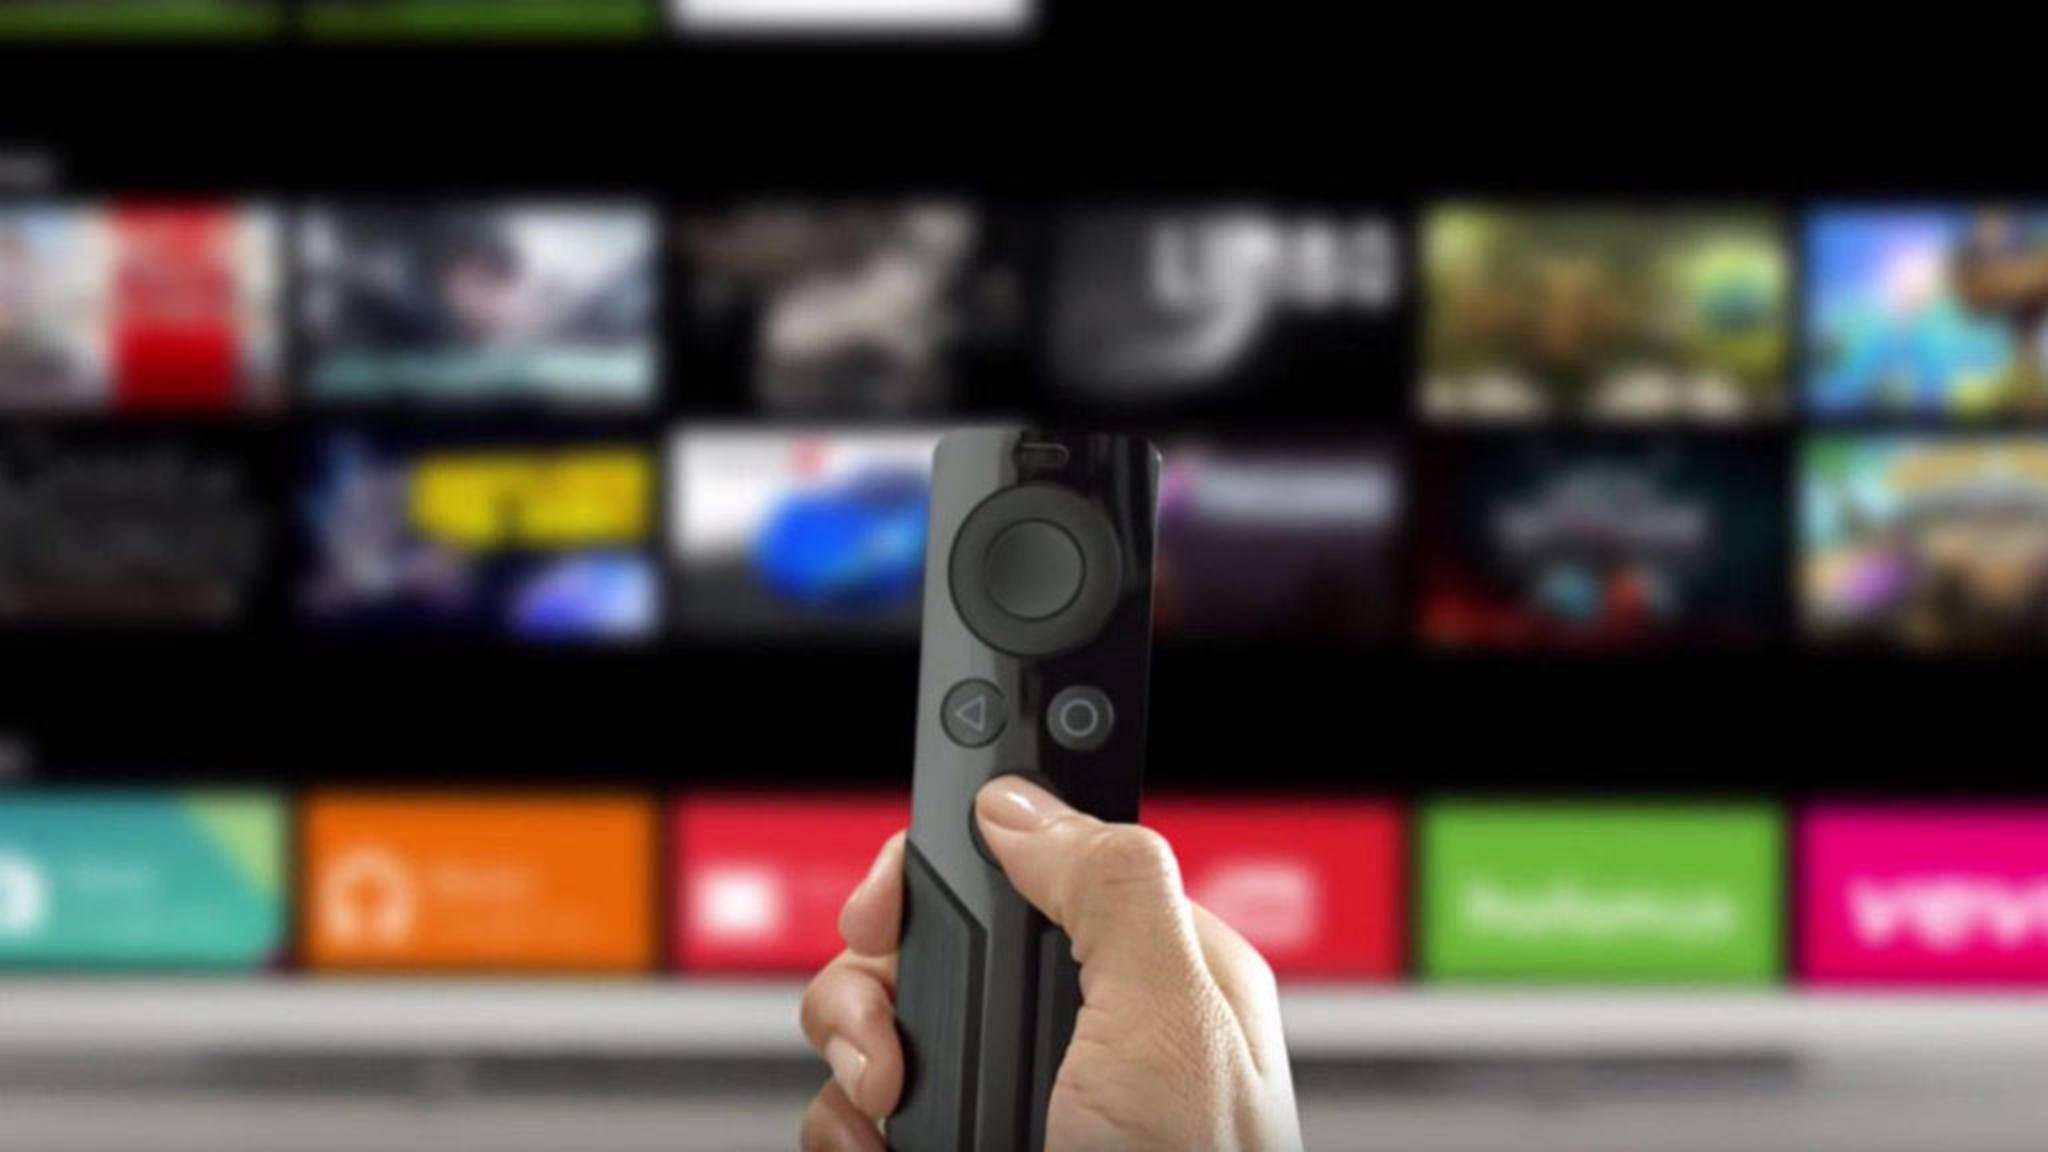 Für Nvidia Shield TV gibt es jetzt eine Fernbedienungs-App.